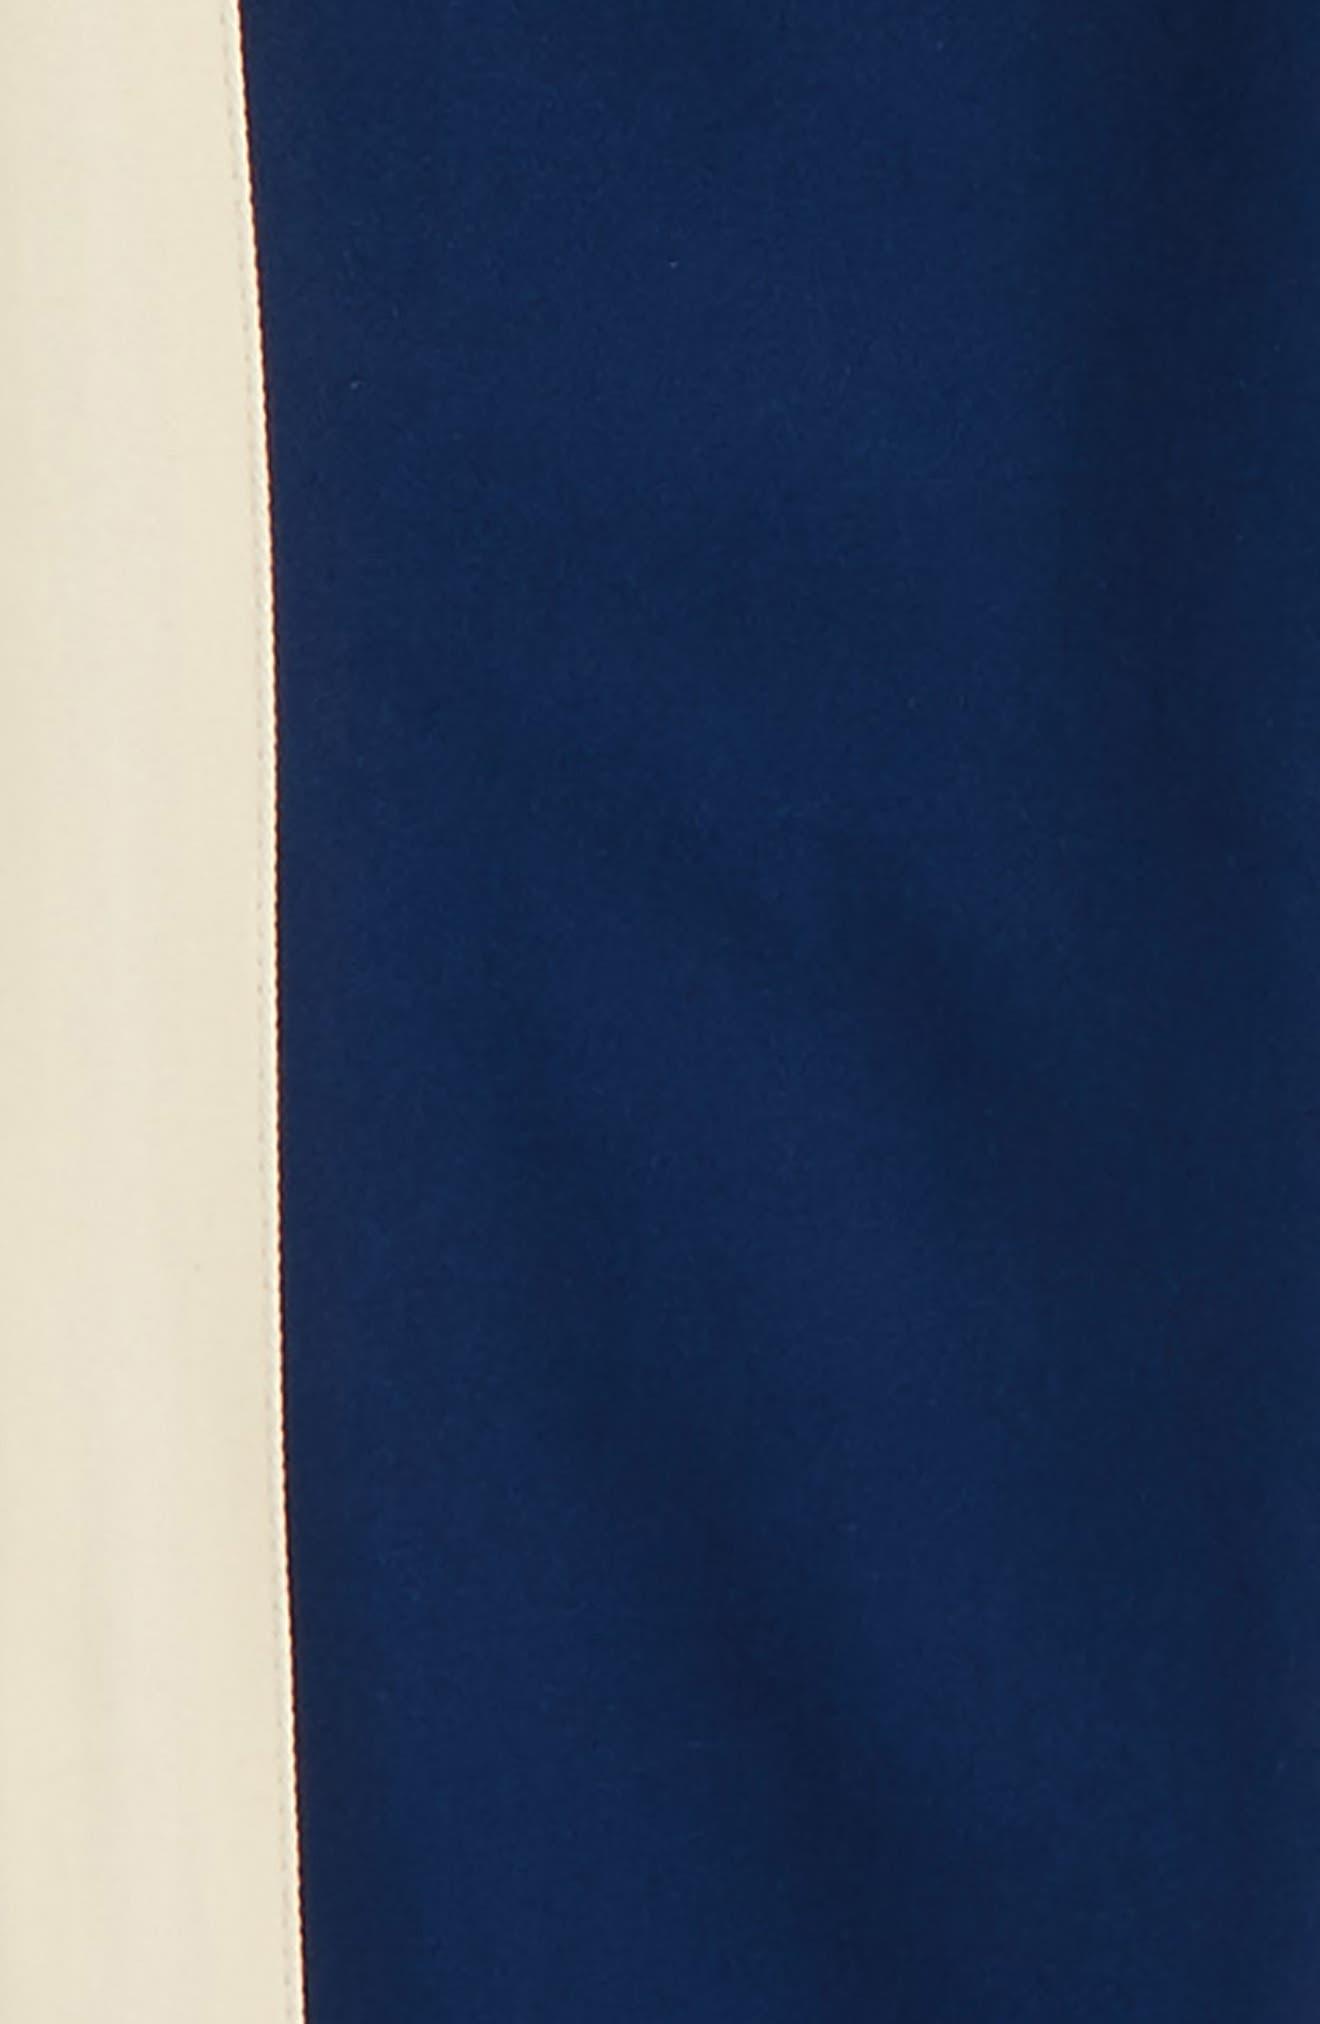 Gusset Track Pants,                             Alternate thumbnail 2, color,                             Uniform Blue